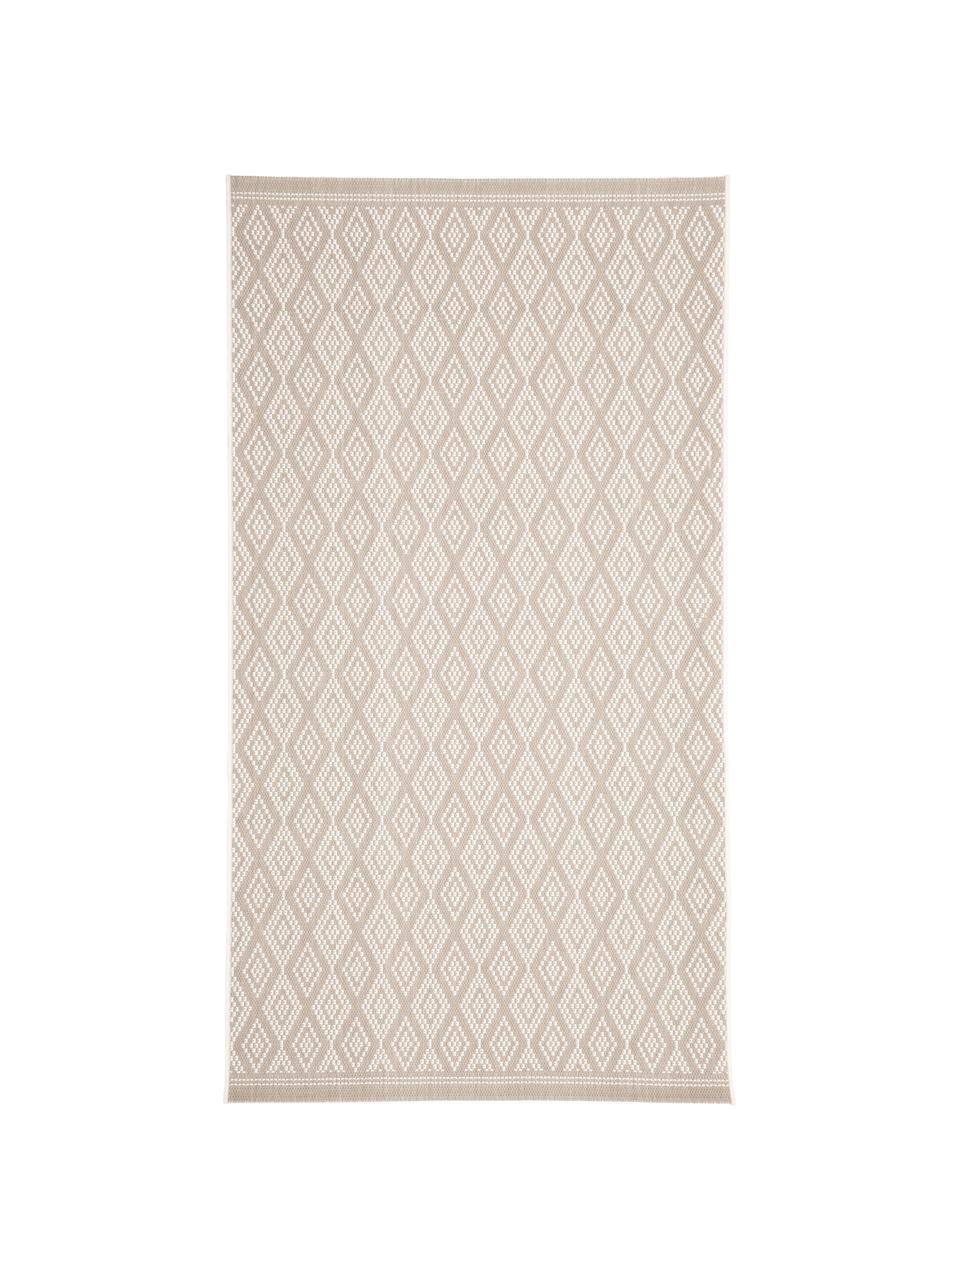 Vnitřní avenkovní koberec Capri, Krémově bílá, béžová